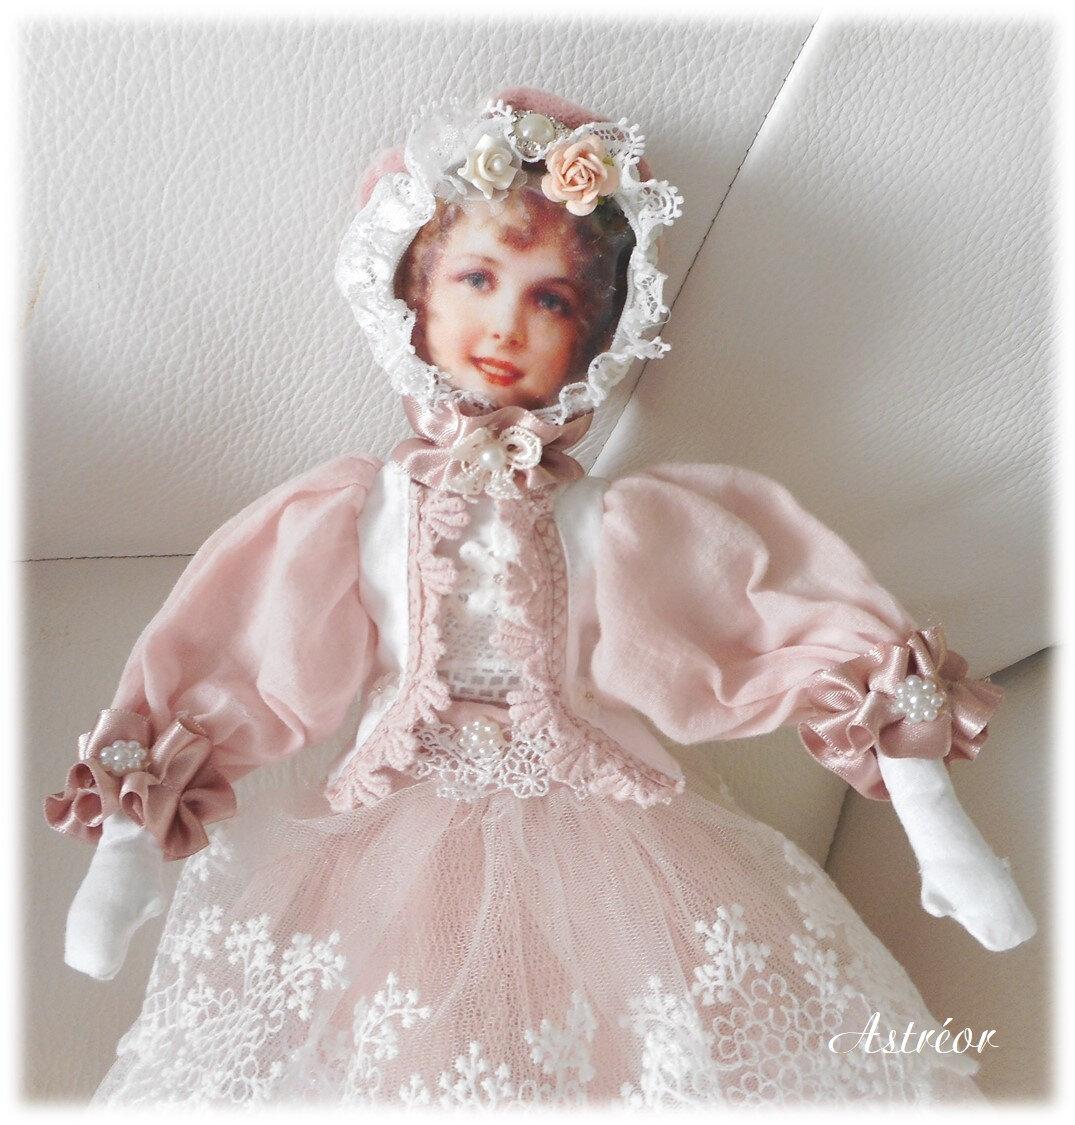 2018 2111 poupée Astreor2